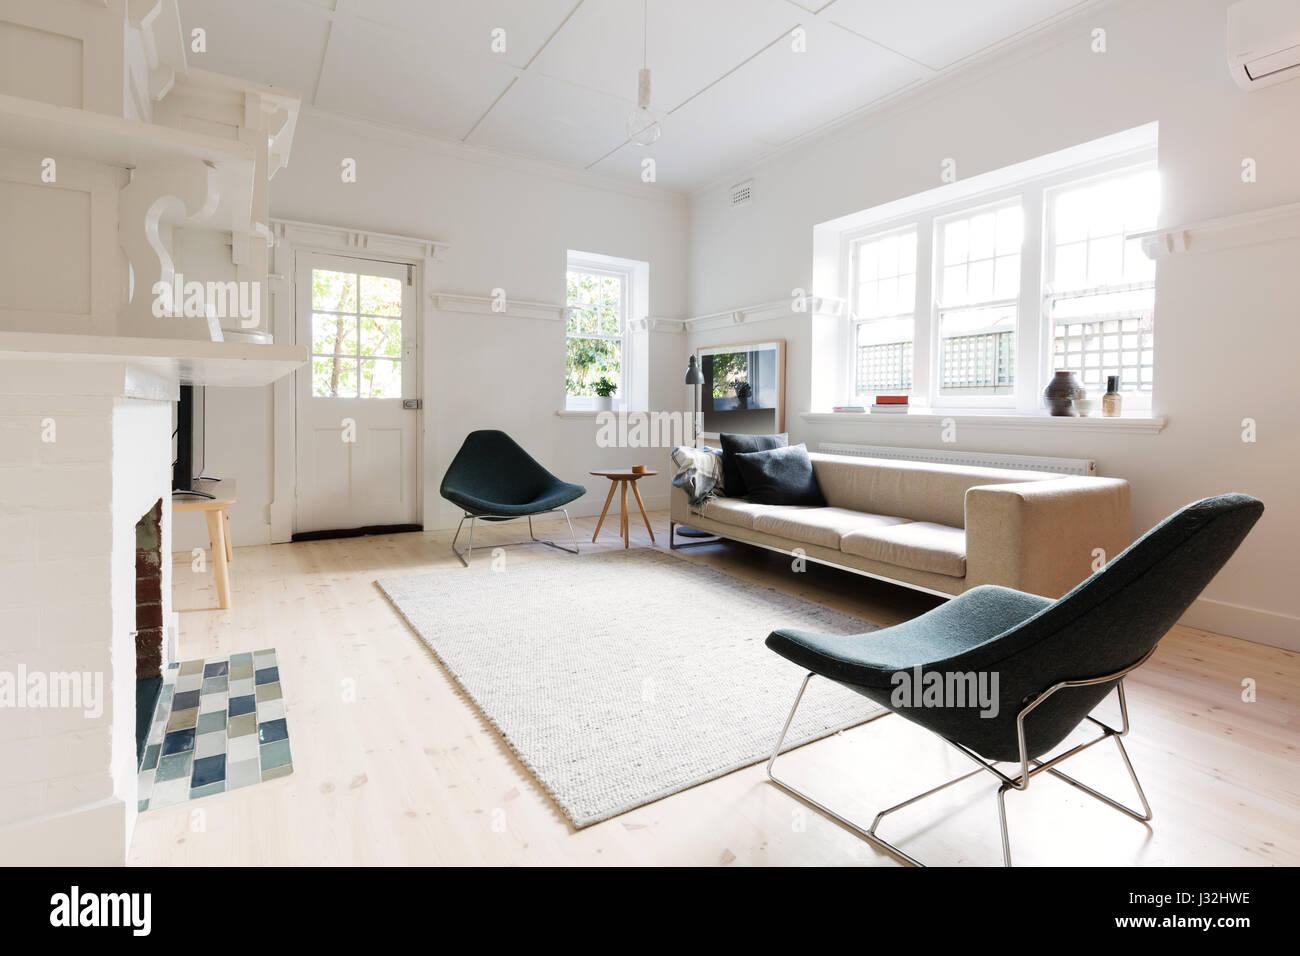 Bemerkenswert Moderne Inneneinrichtung Dekoration Von Große Gestaltete Wohnzimmer In Melbourne-wohnung